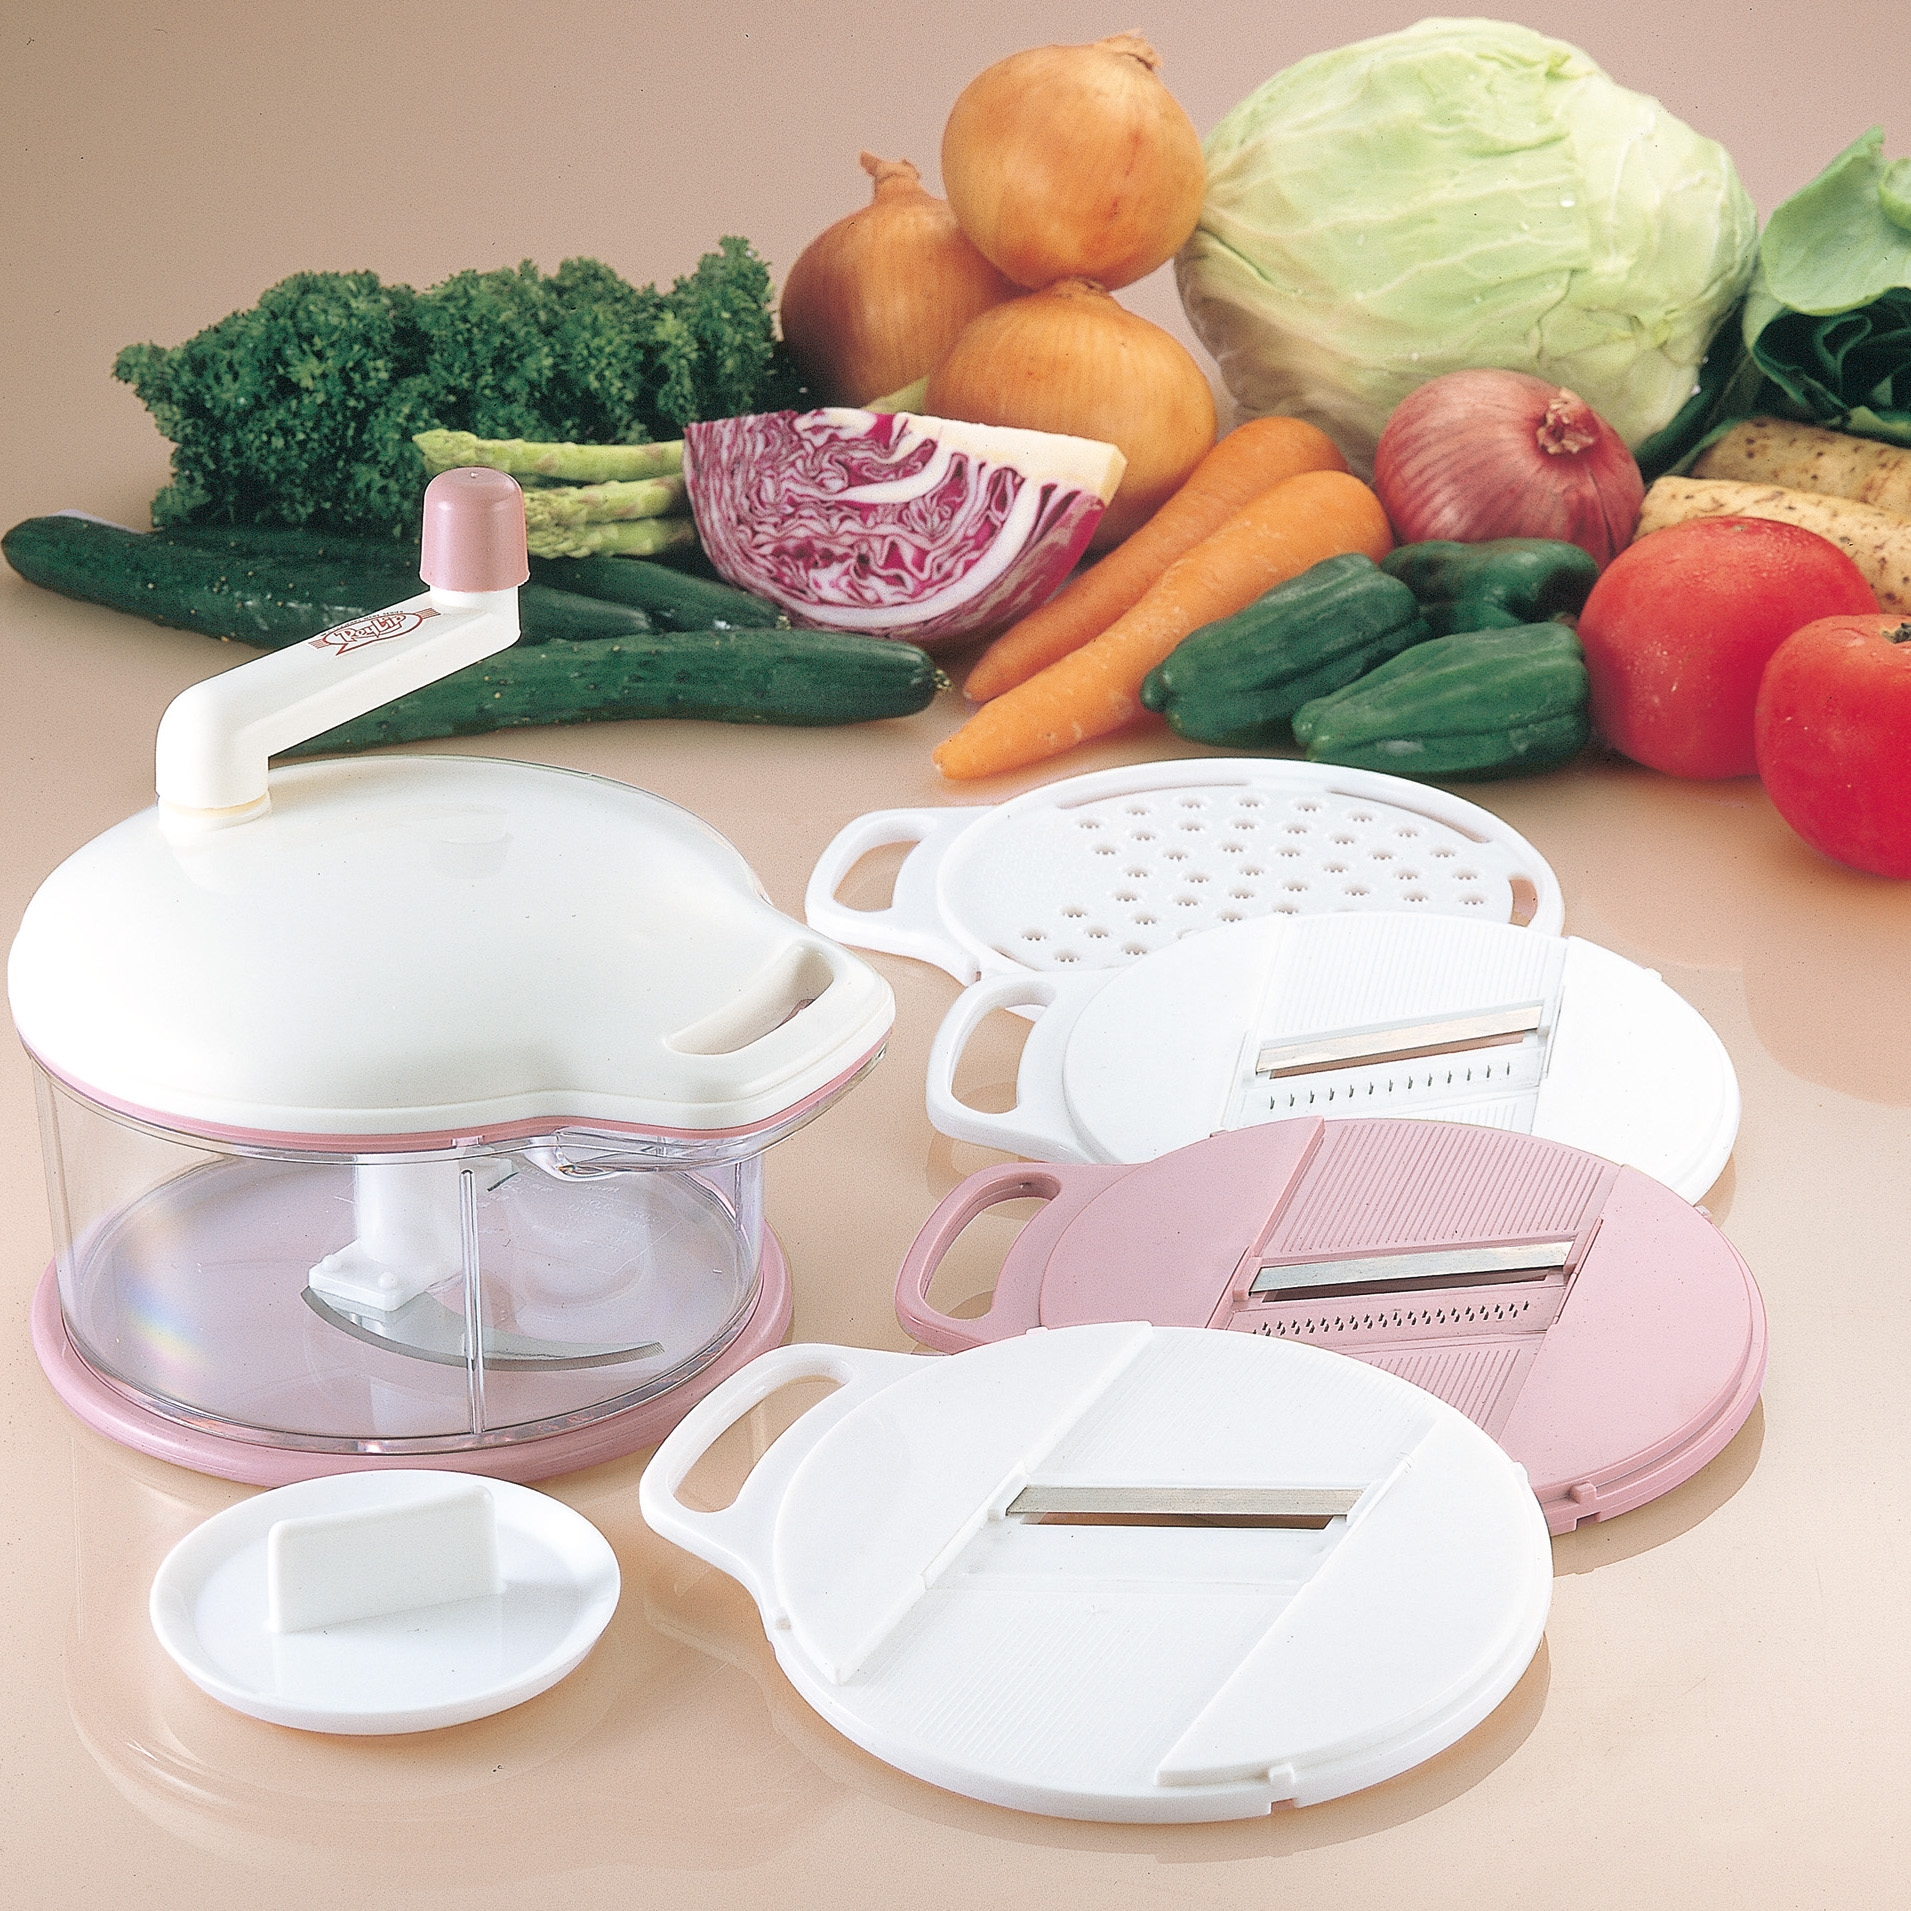 レリップ みじん切り器&野菜調理器セット